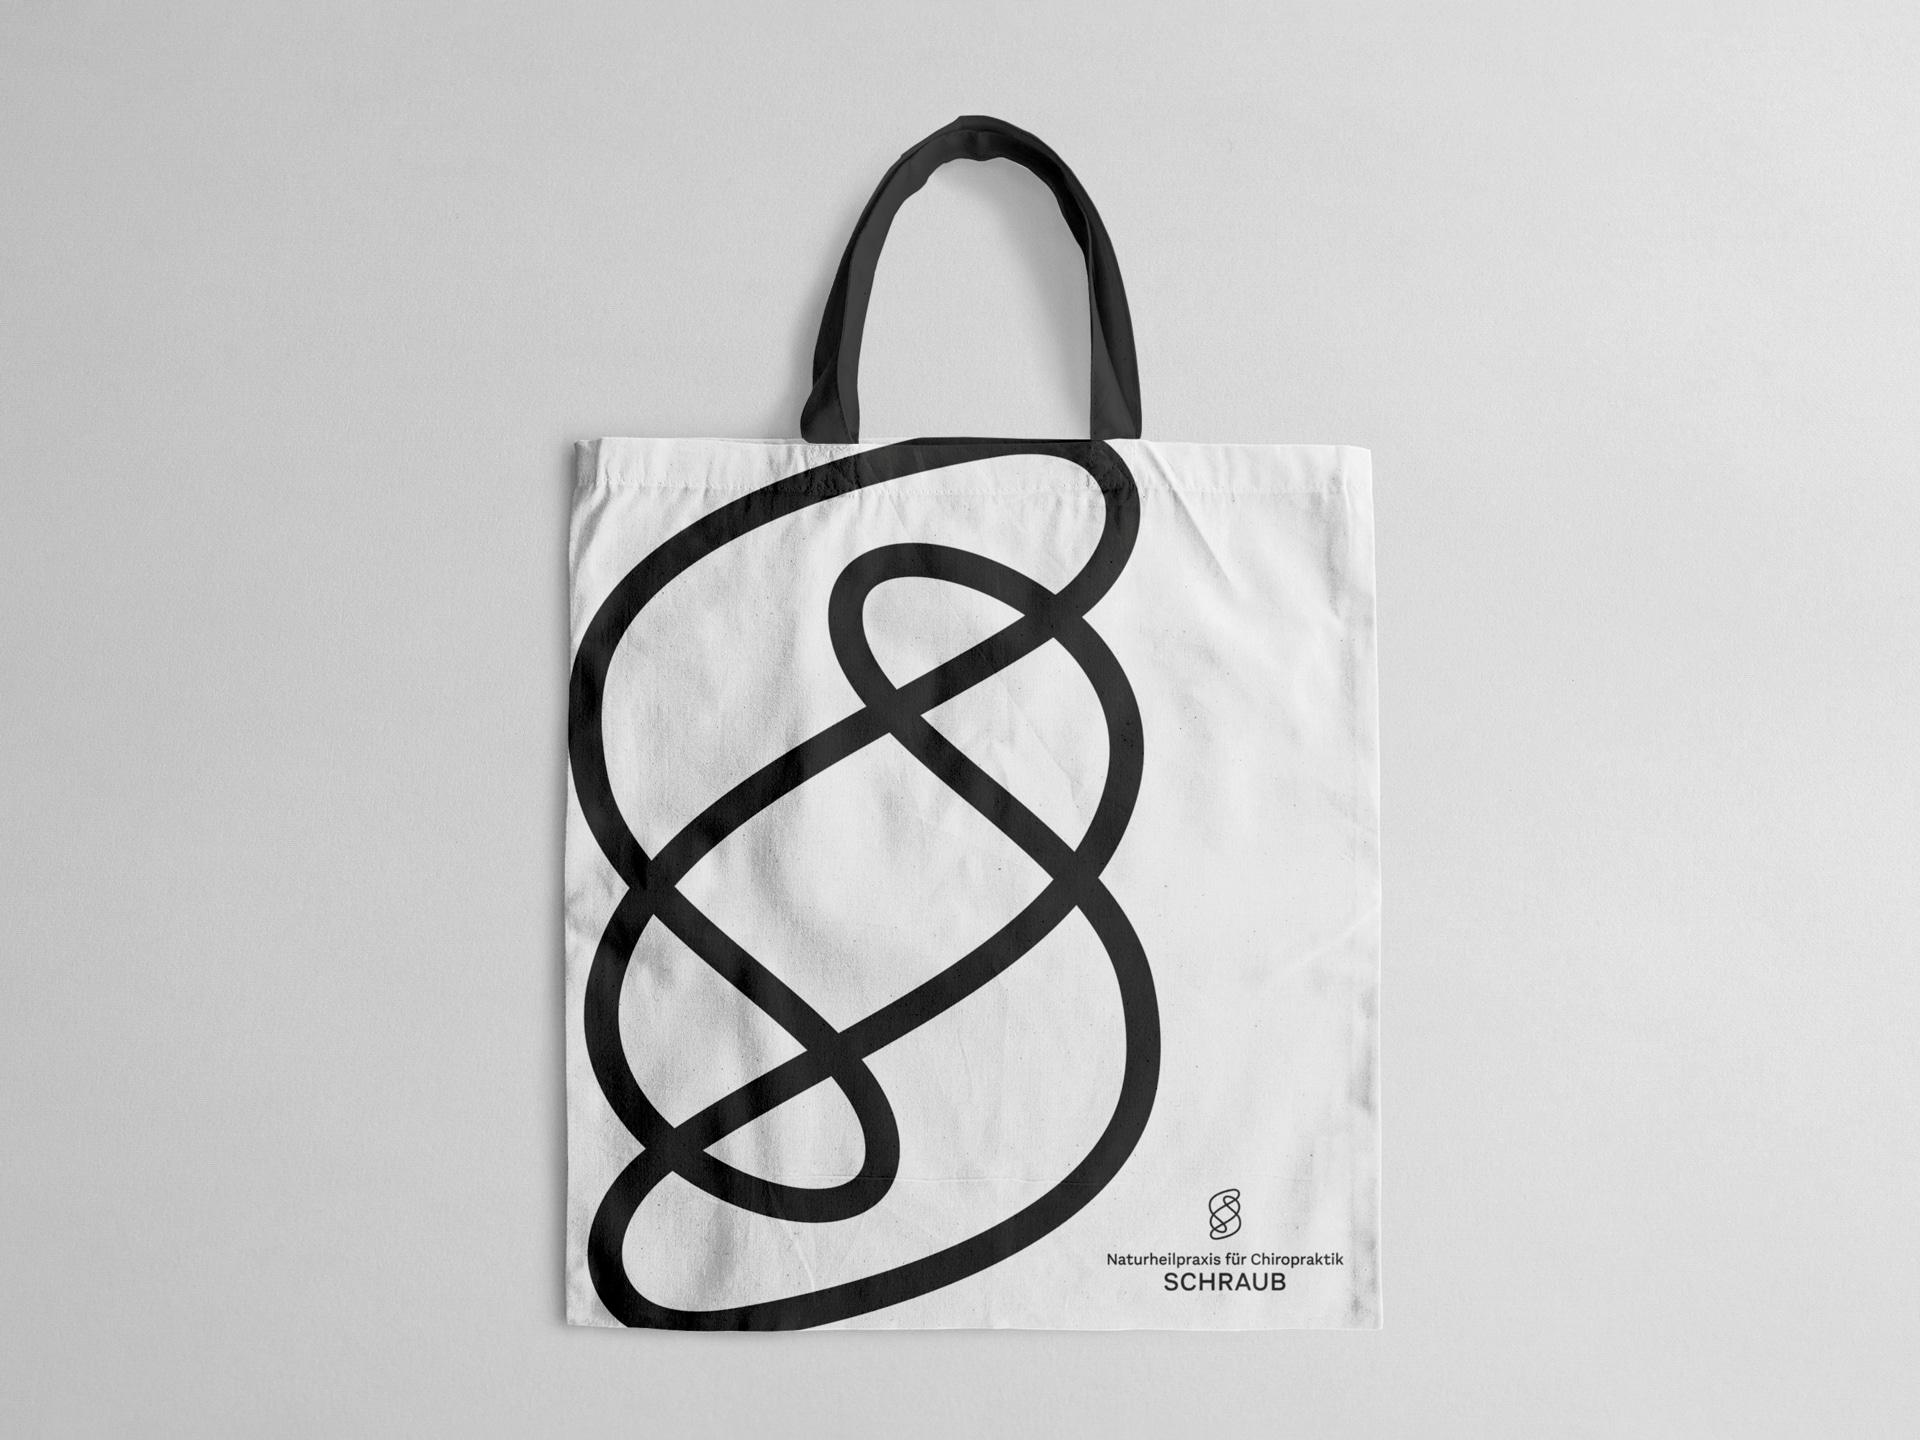 Jutebeutel Tasche Design Naturheilpraxis für Chiropraktik Schraub